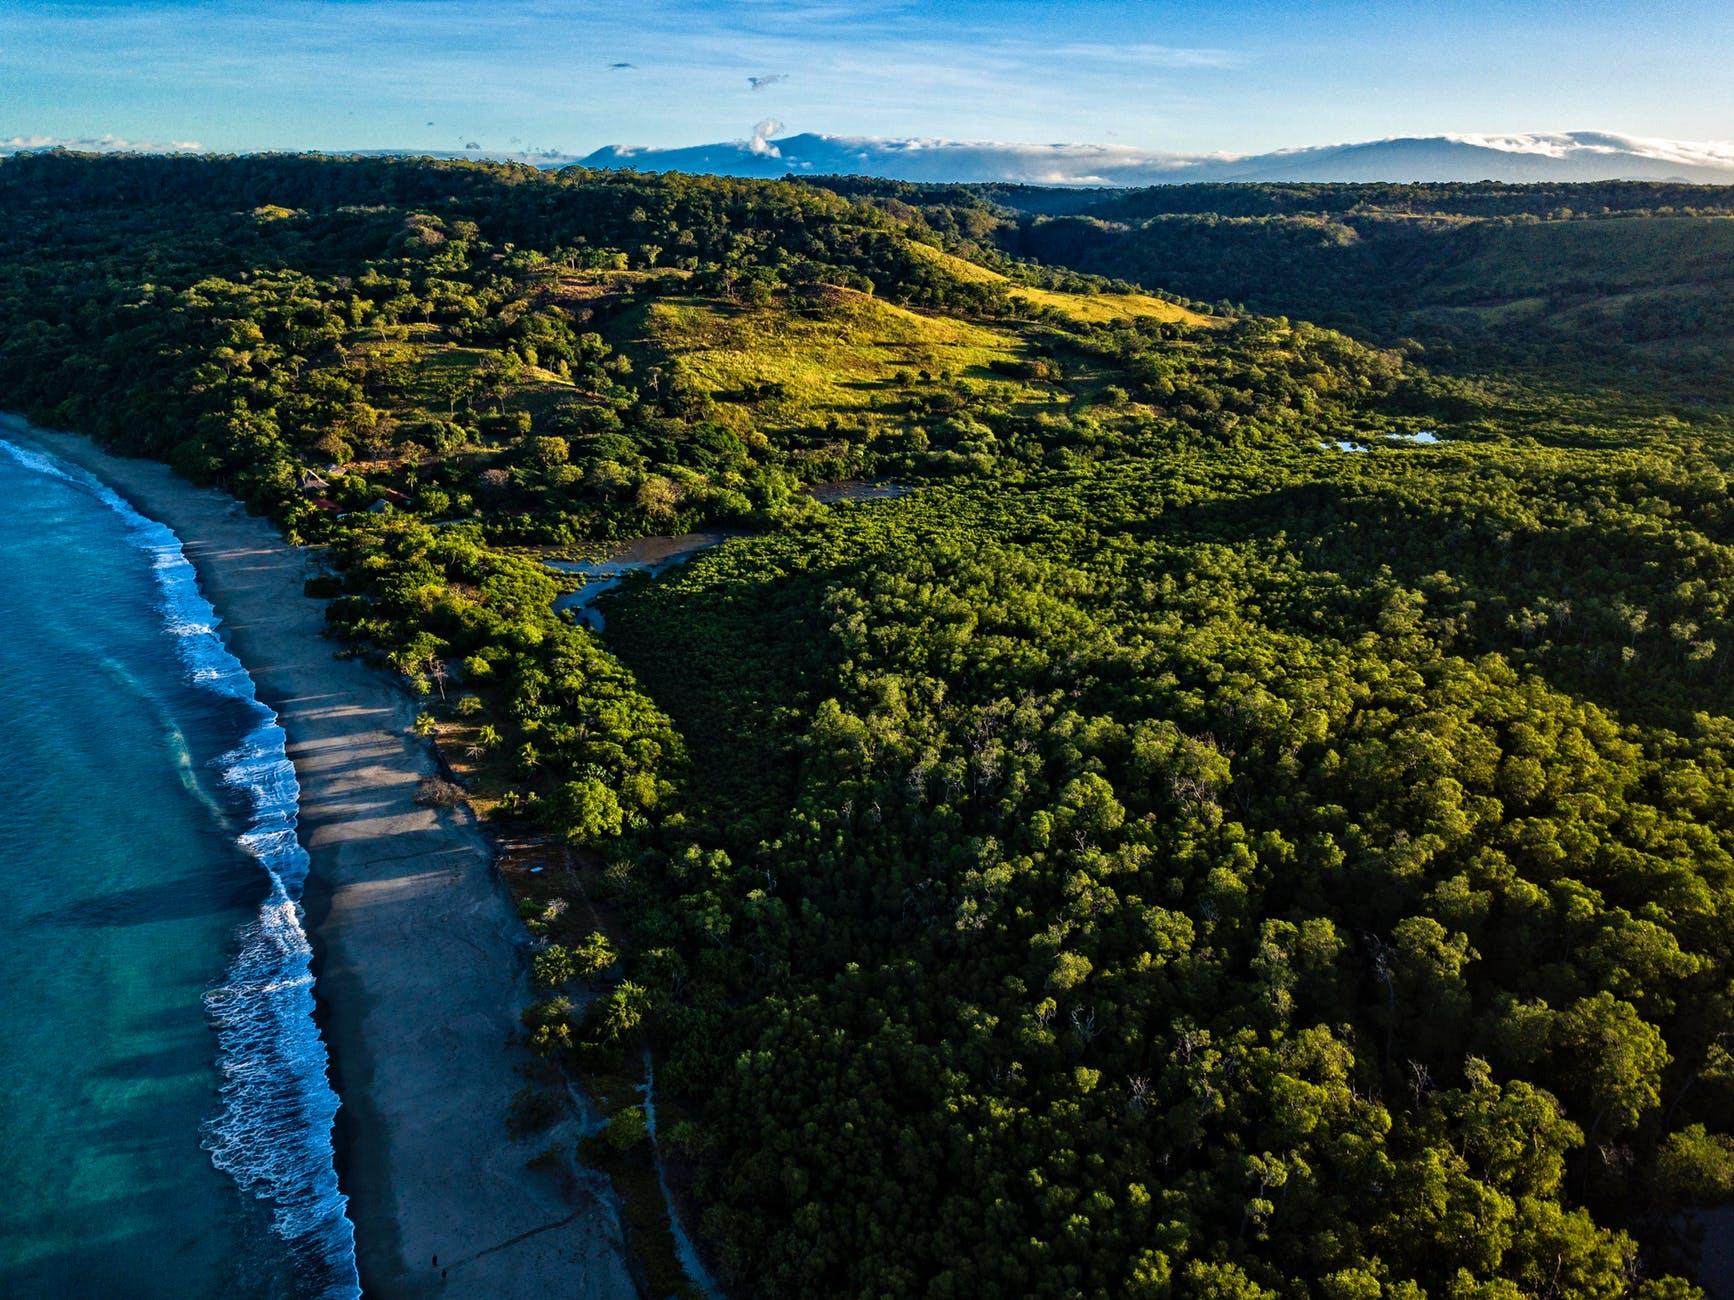 Alleen op reis naar Costa Rica, dat is juist super gaaf!